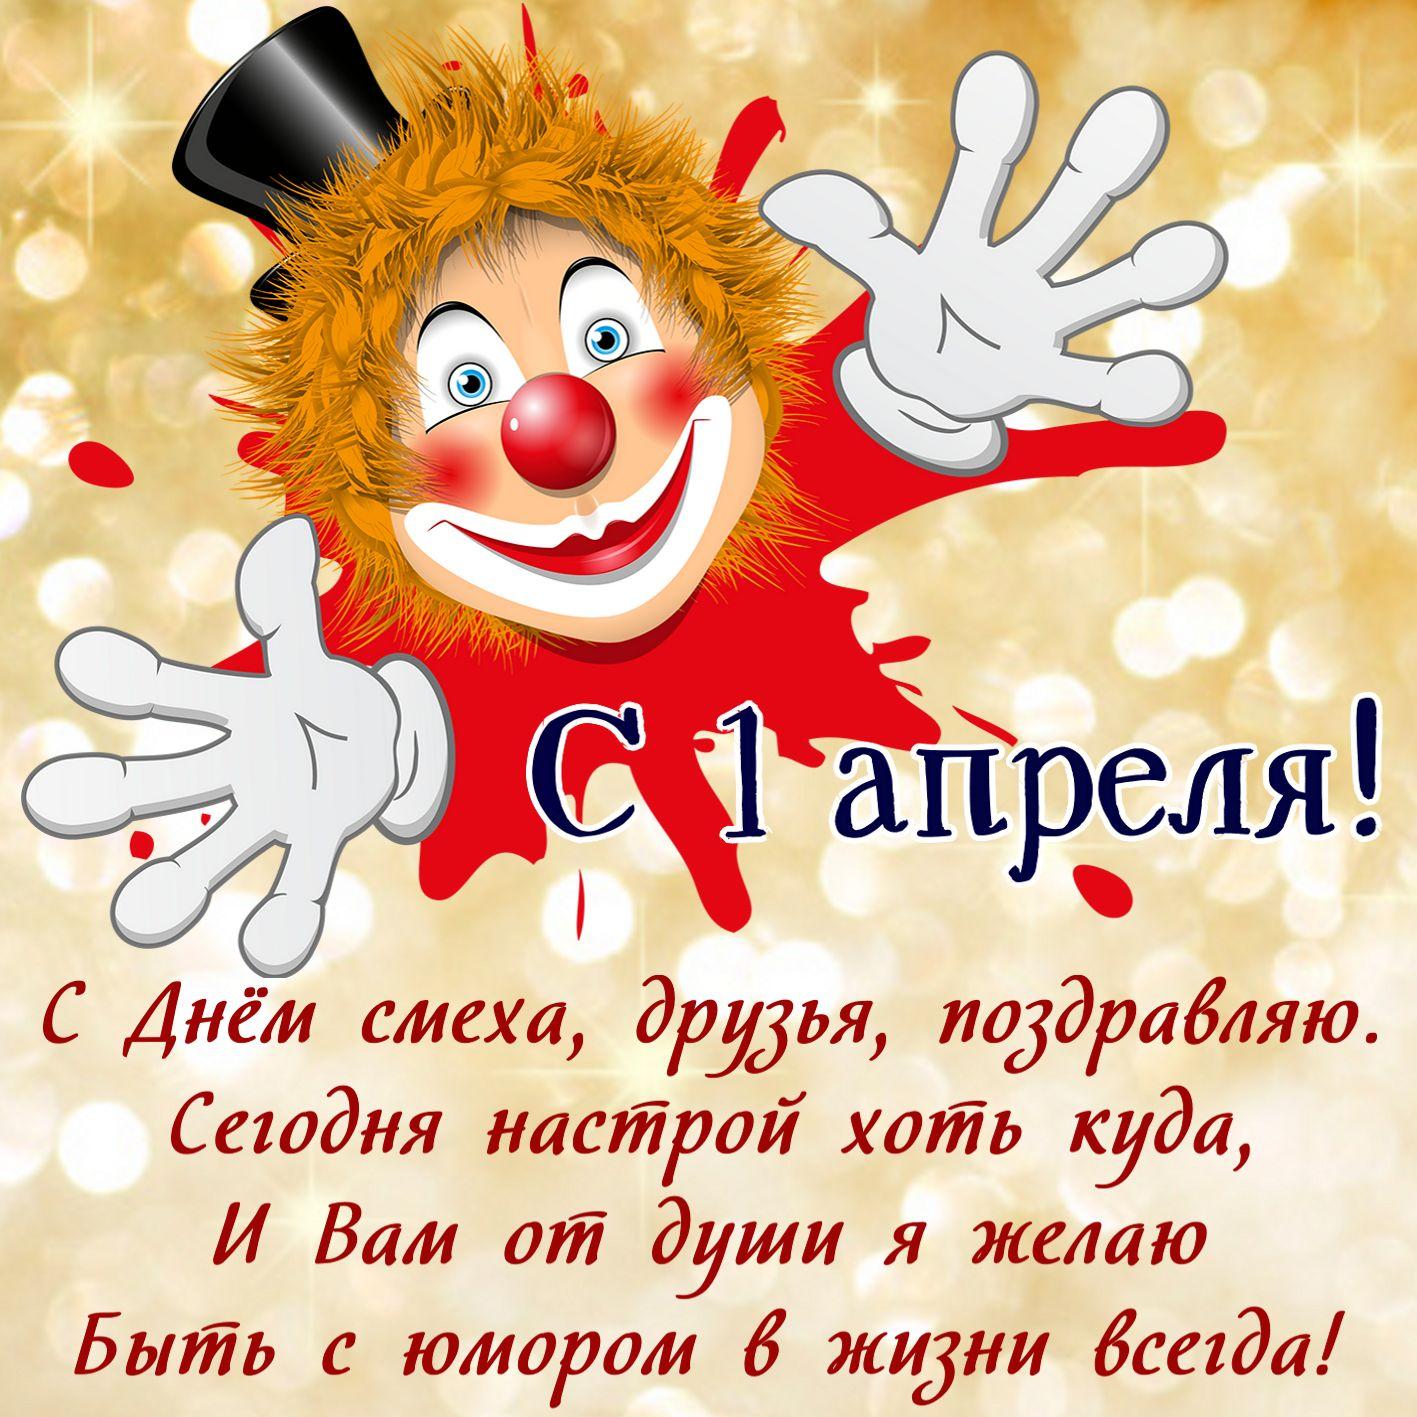 Клоун в шляпе поздравляет с Днем смеха